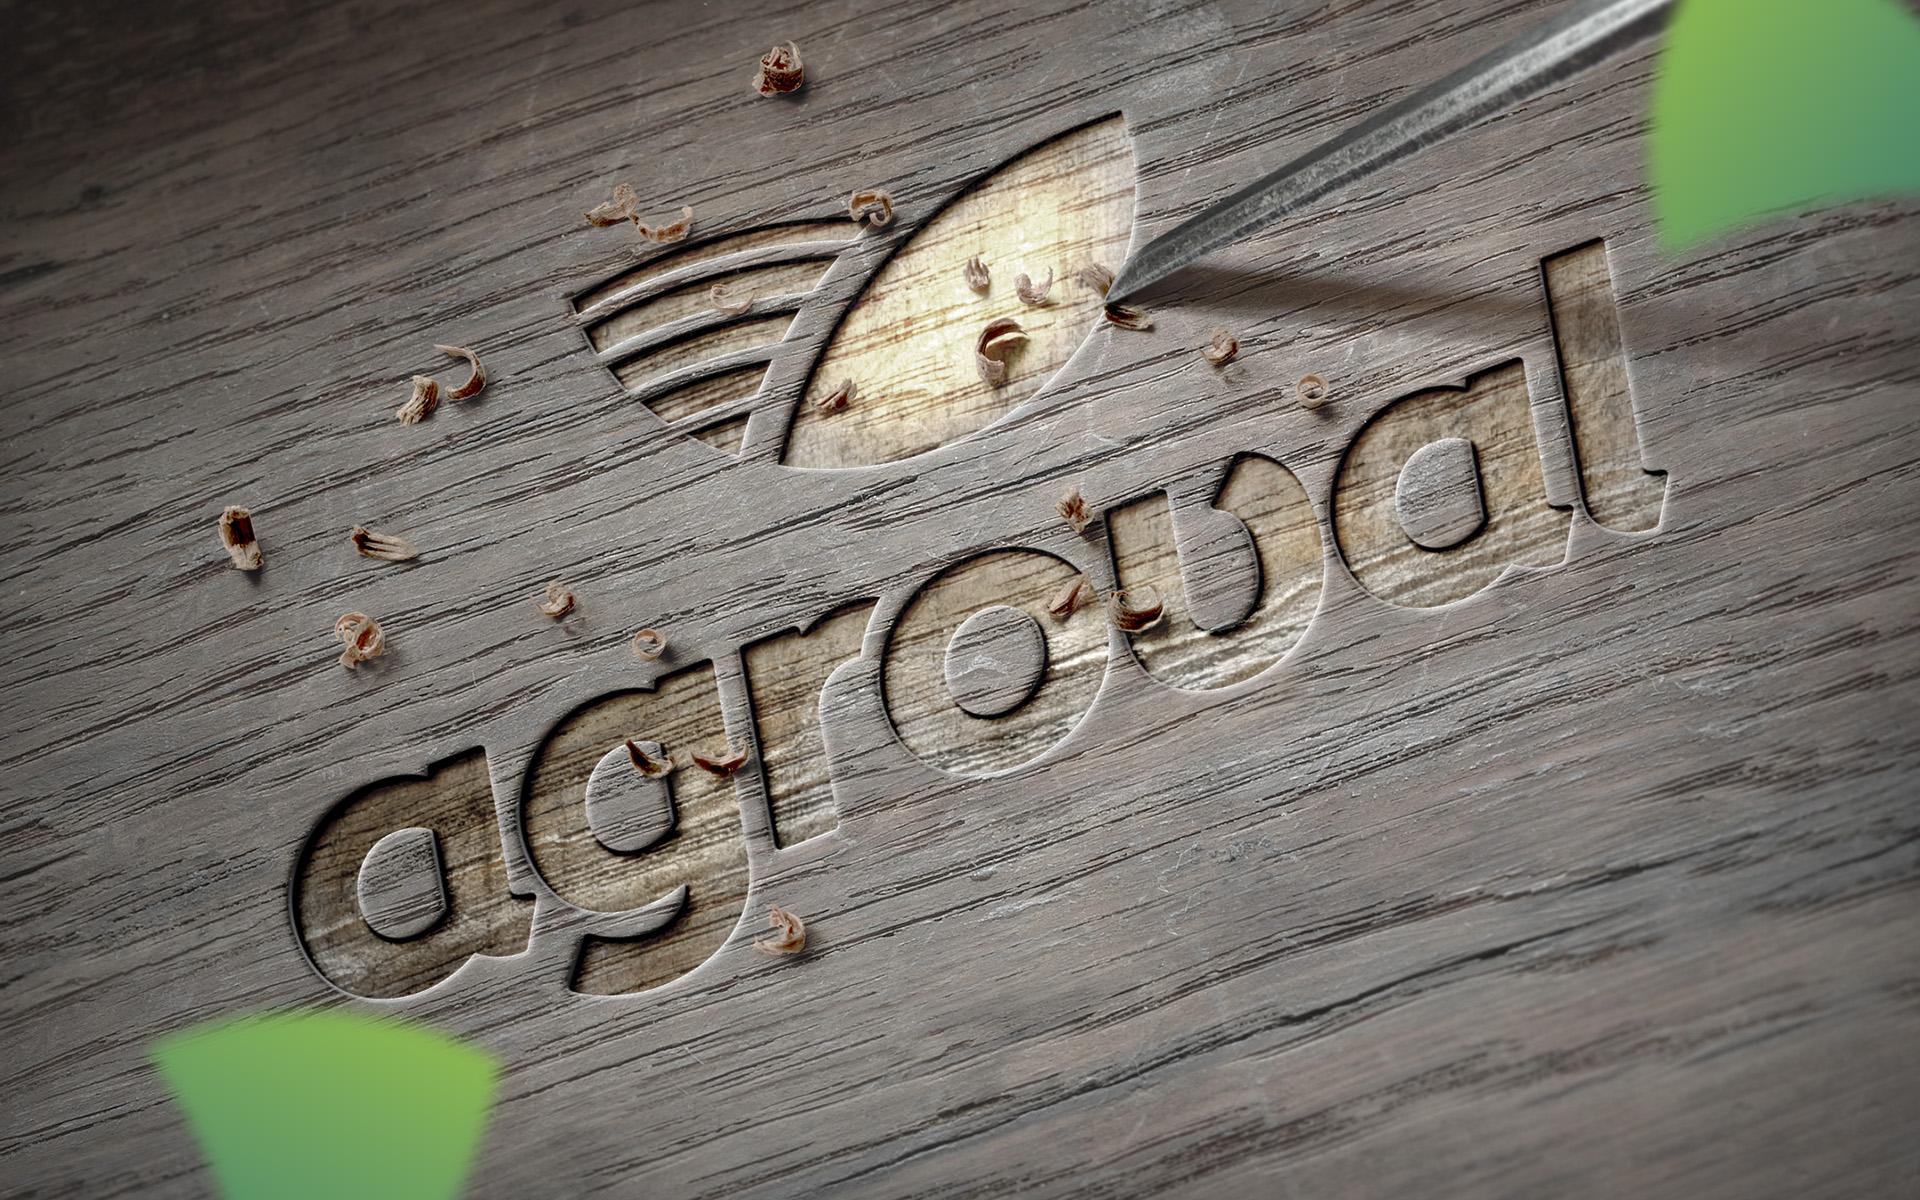 Agroval